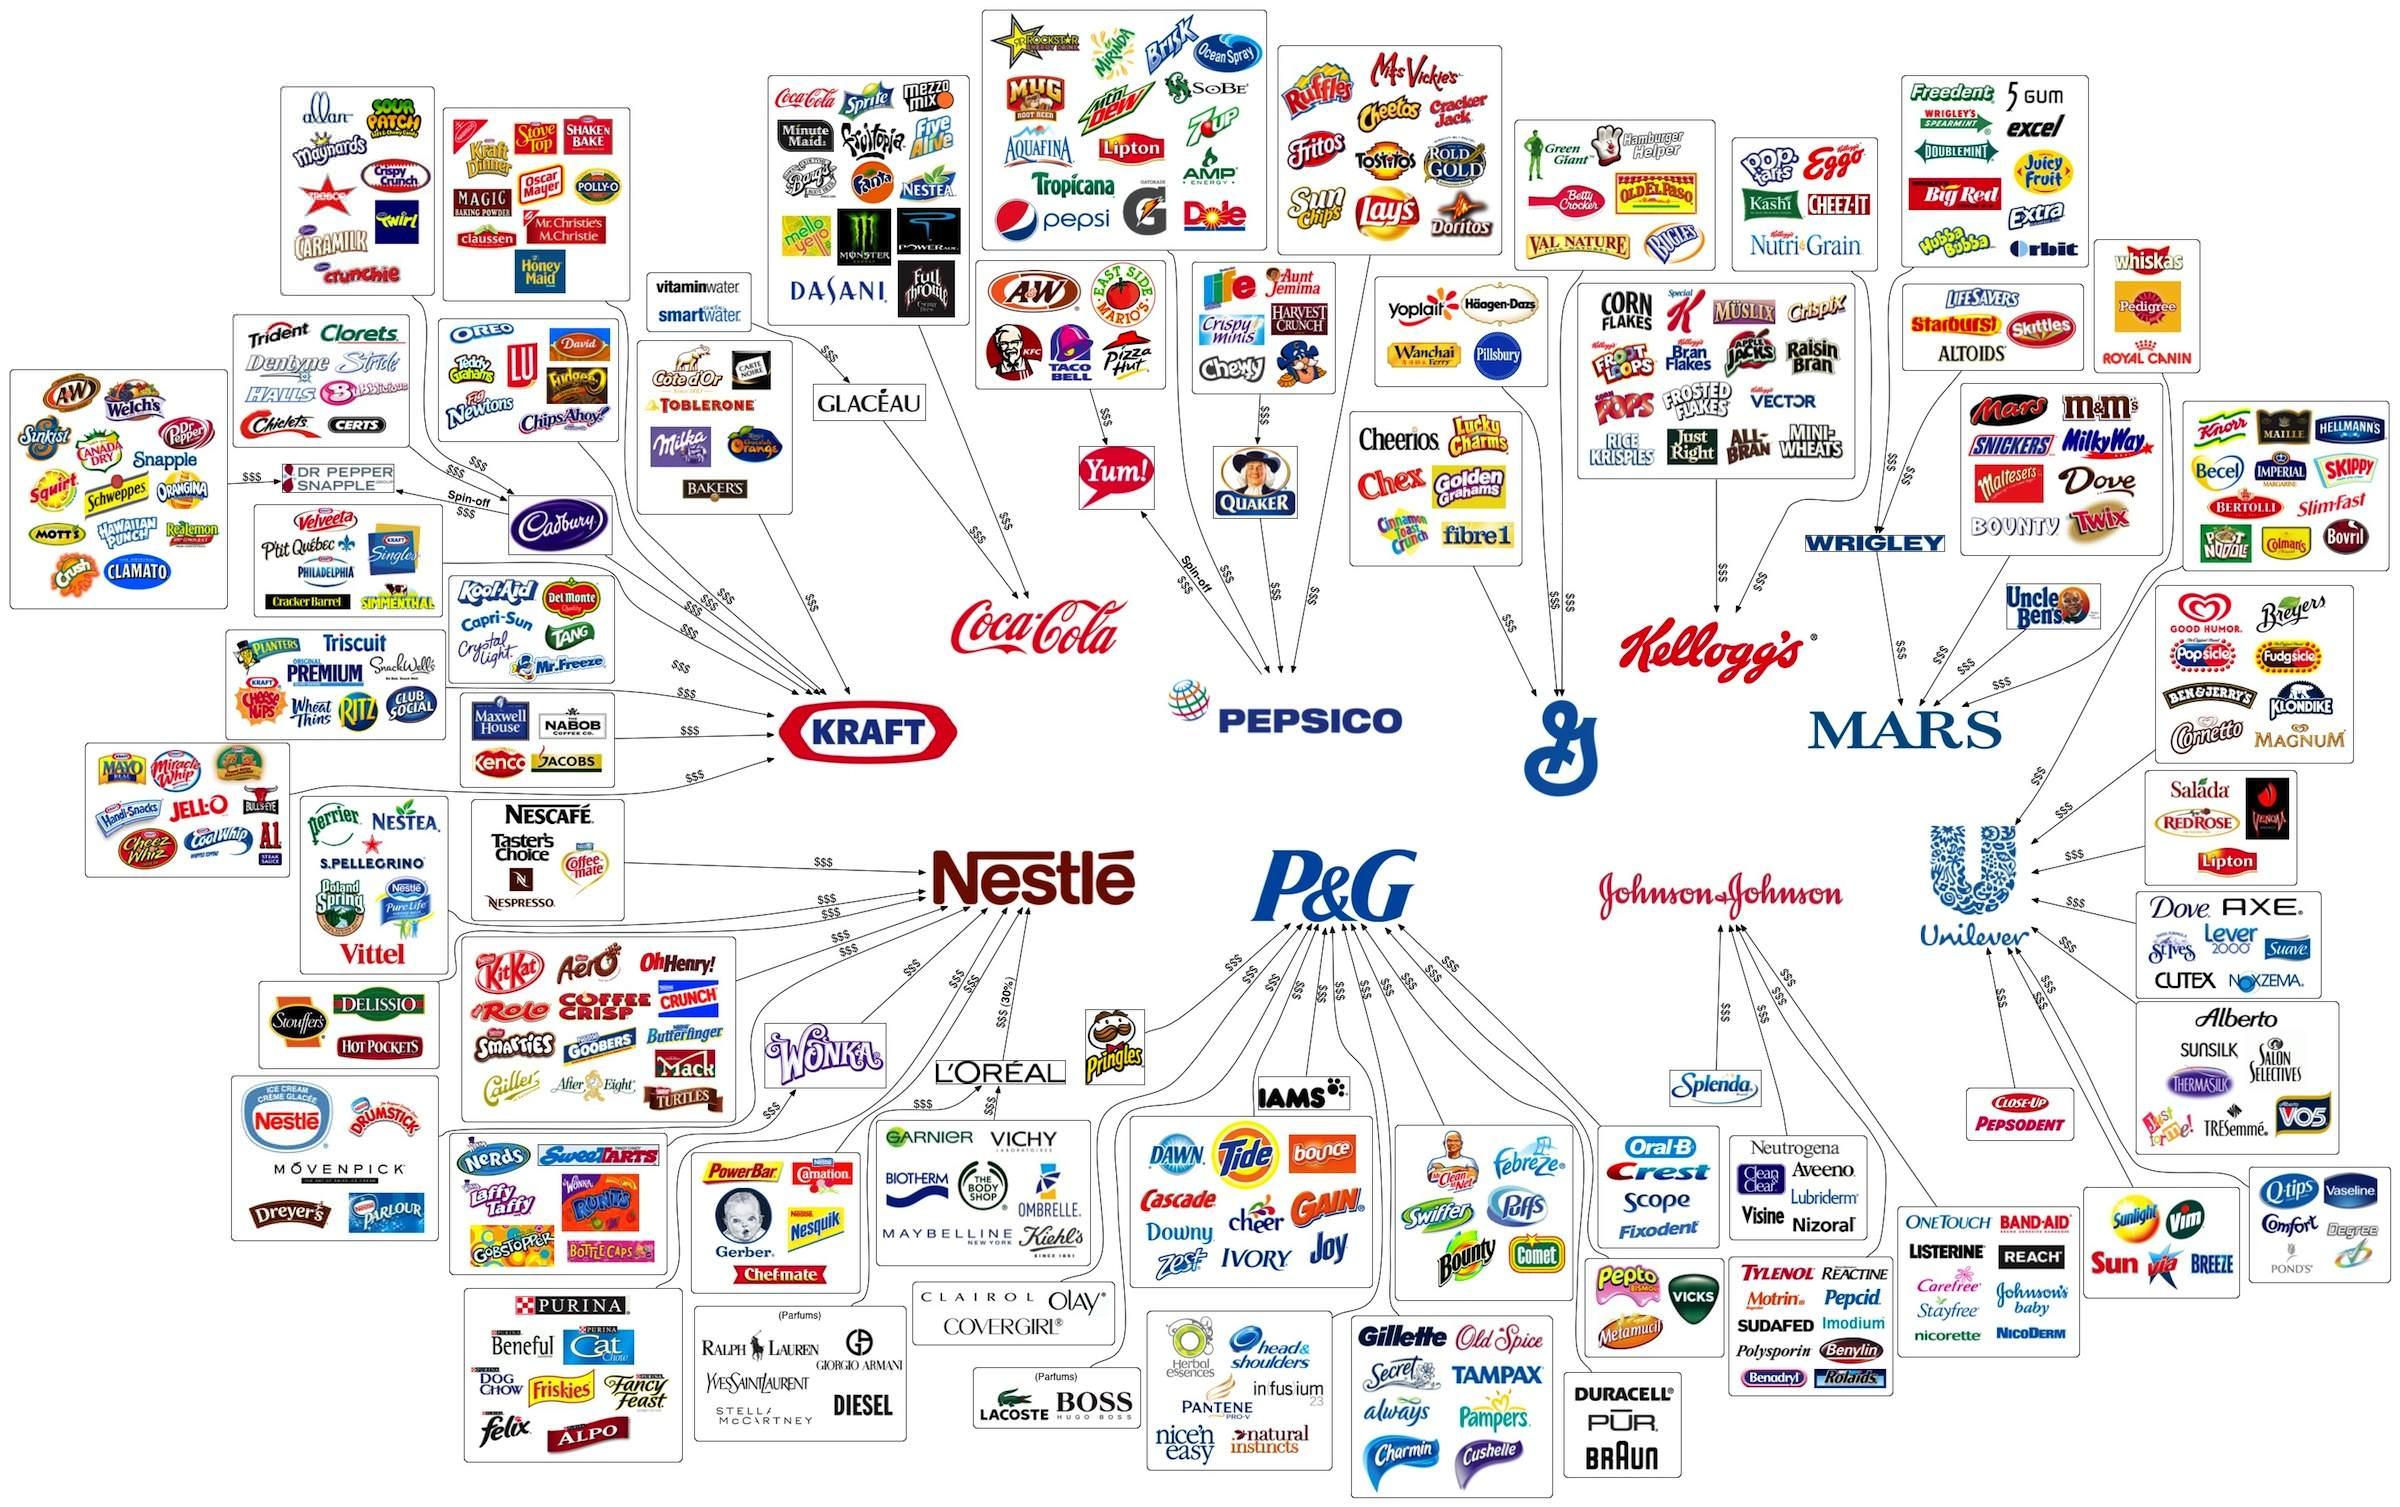 http://mark-ariu.de/picture-gallery/var/albums/Extremes/Herrschaft-der-Unternehmen-Mega-Unternehmen_Riesen-Firmen-Mega-Companies_illusion-of-choice_die-Illusion-der-Wahl_BIG.jpg?m=1383855782